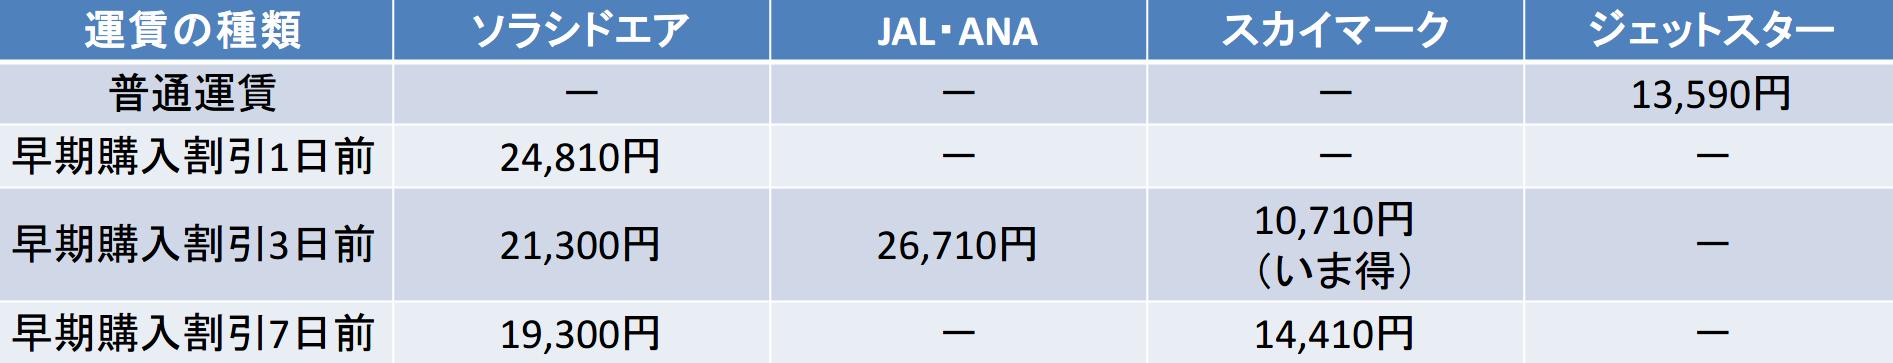 中部国際-那覇 ソラシドエア,JAL,ANA,スカイマーク,ジェットスター 早期購入割引比較(1~7日前)